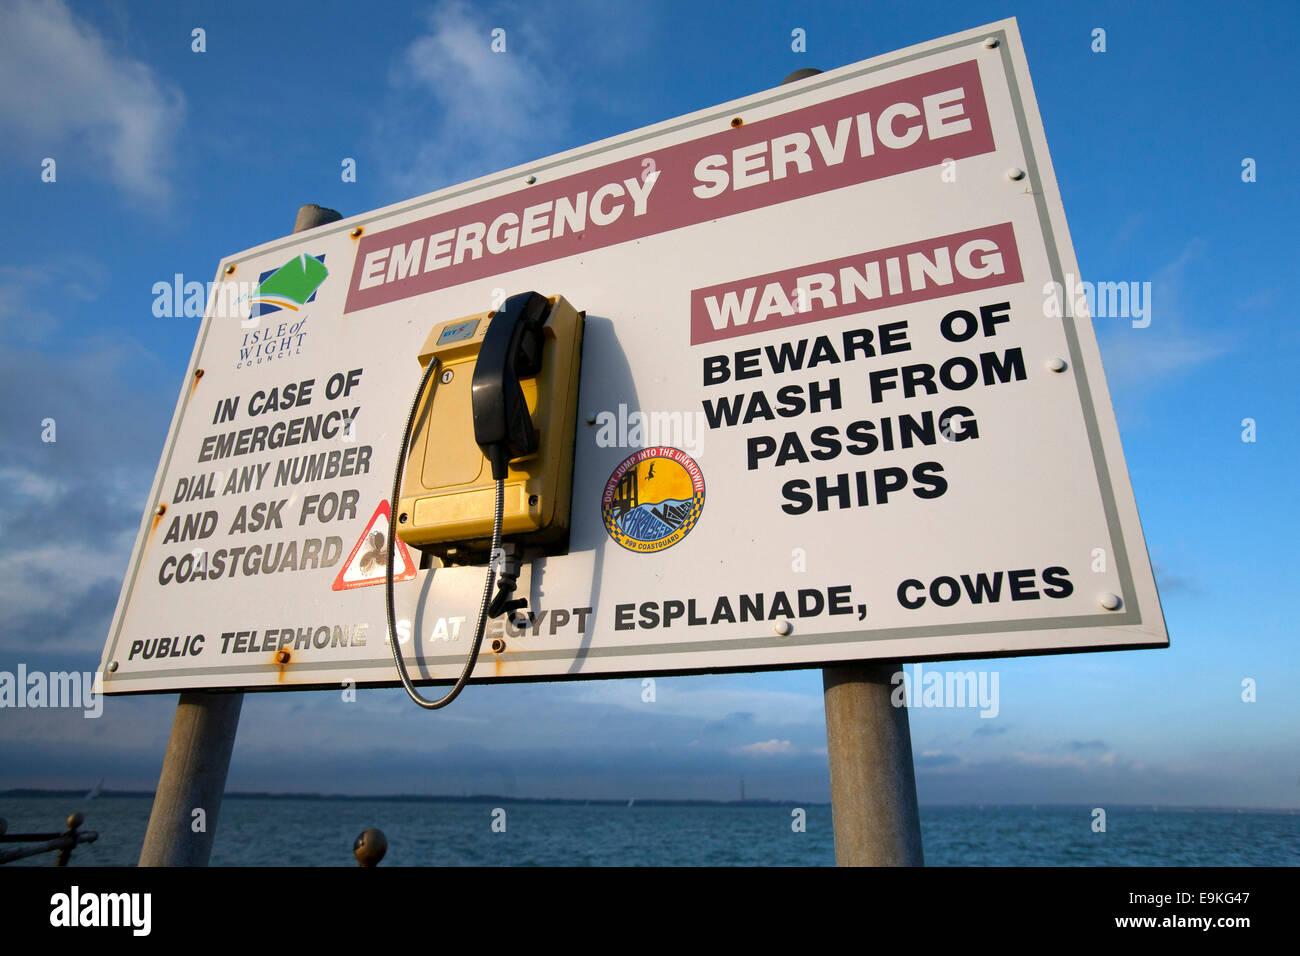 Council, warning, Coastguard, Emergency Service, phone, sign, Egypt Esplanade, Cowes, Isle of Wight, England, UK, Stock Photo